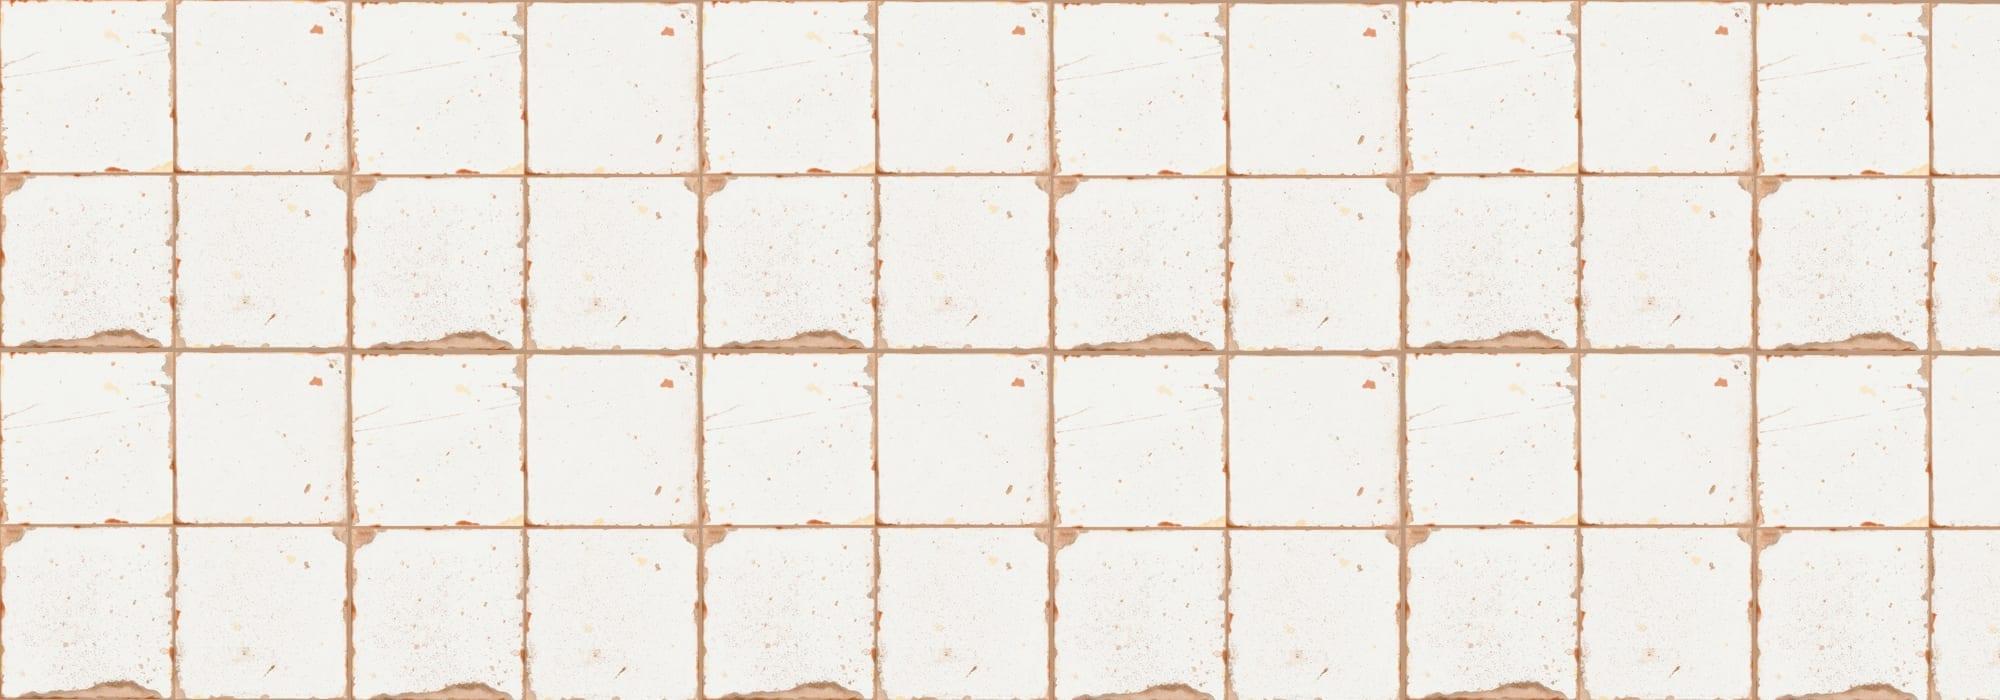 קרמיקה סונדרה by Milstone